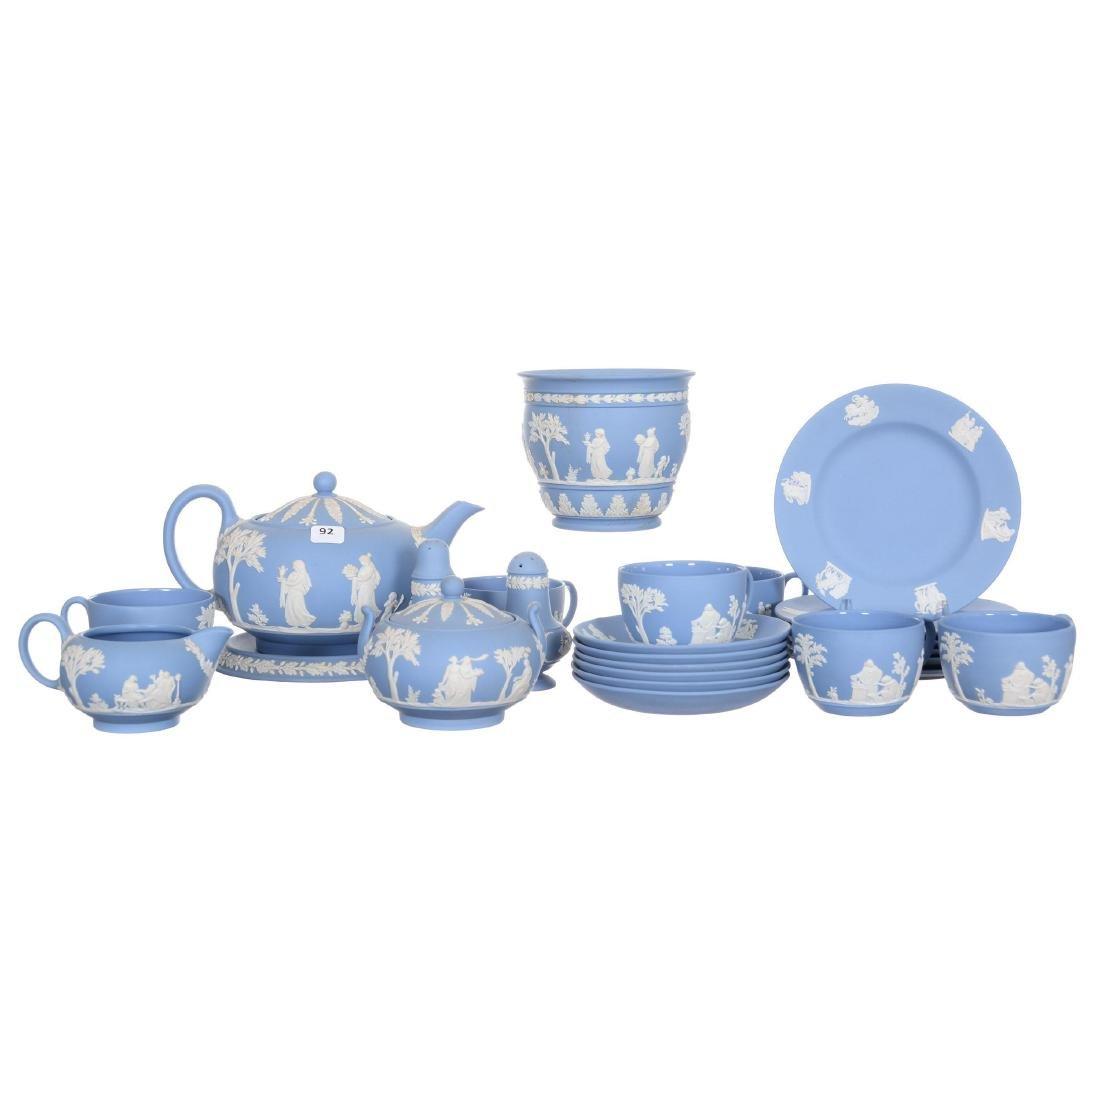 Large Wedgwood Blue and White Jasper Table Set